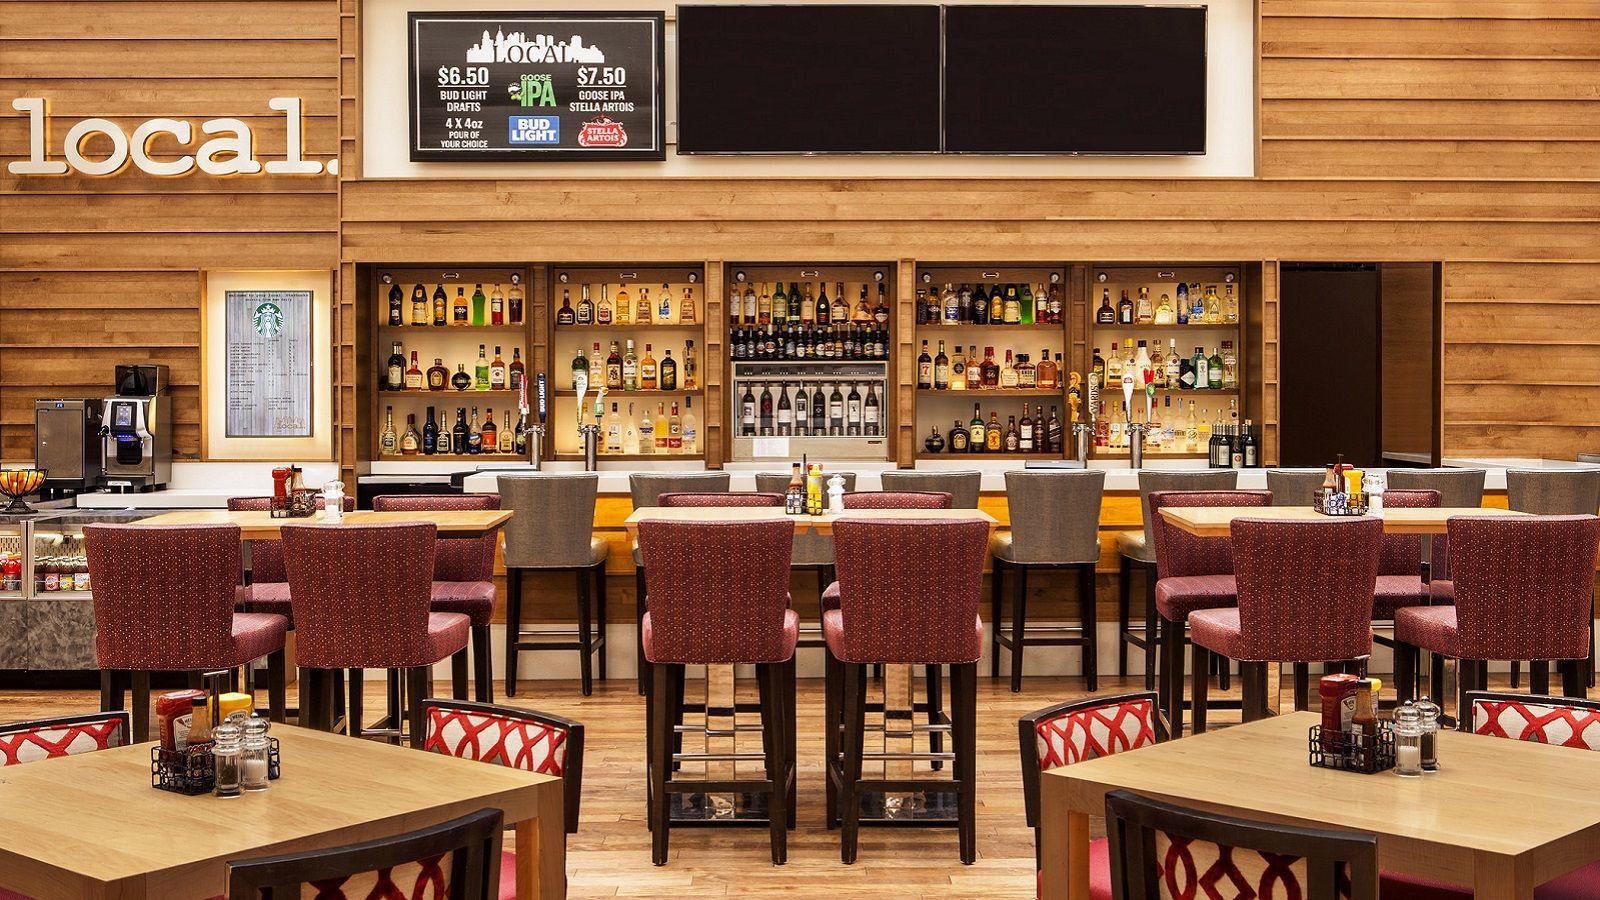 Sheraton restaurant/bar